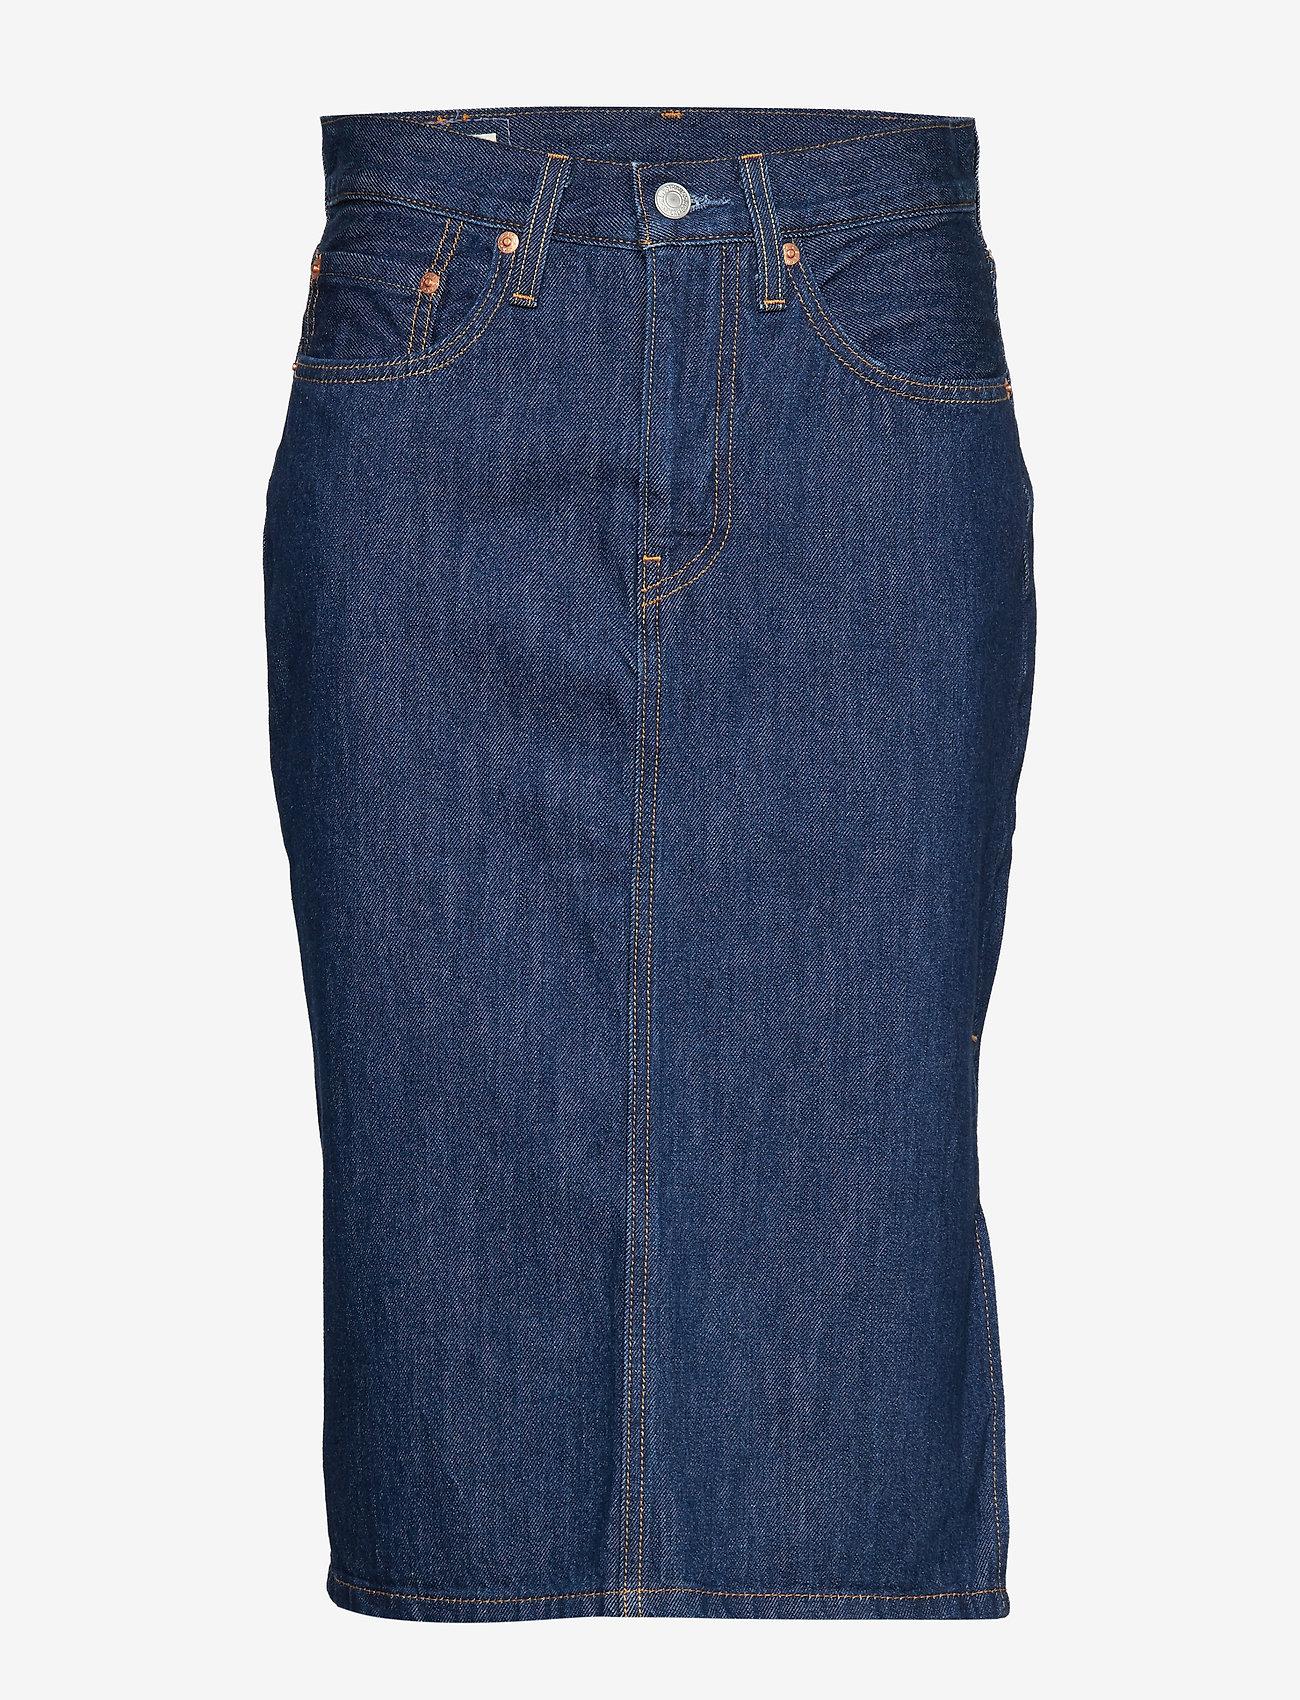 LEVI´S Women - SLIDE SLIT SKIRT JUNIPER RIDGE - jupes en jeans - dark indigo - flat finish